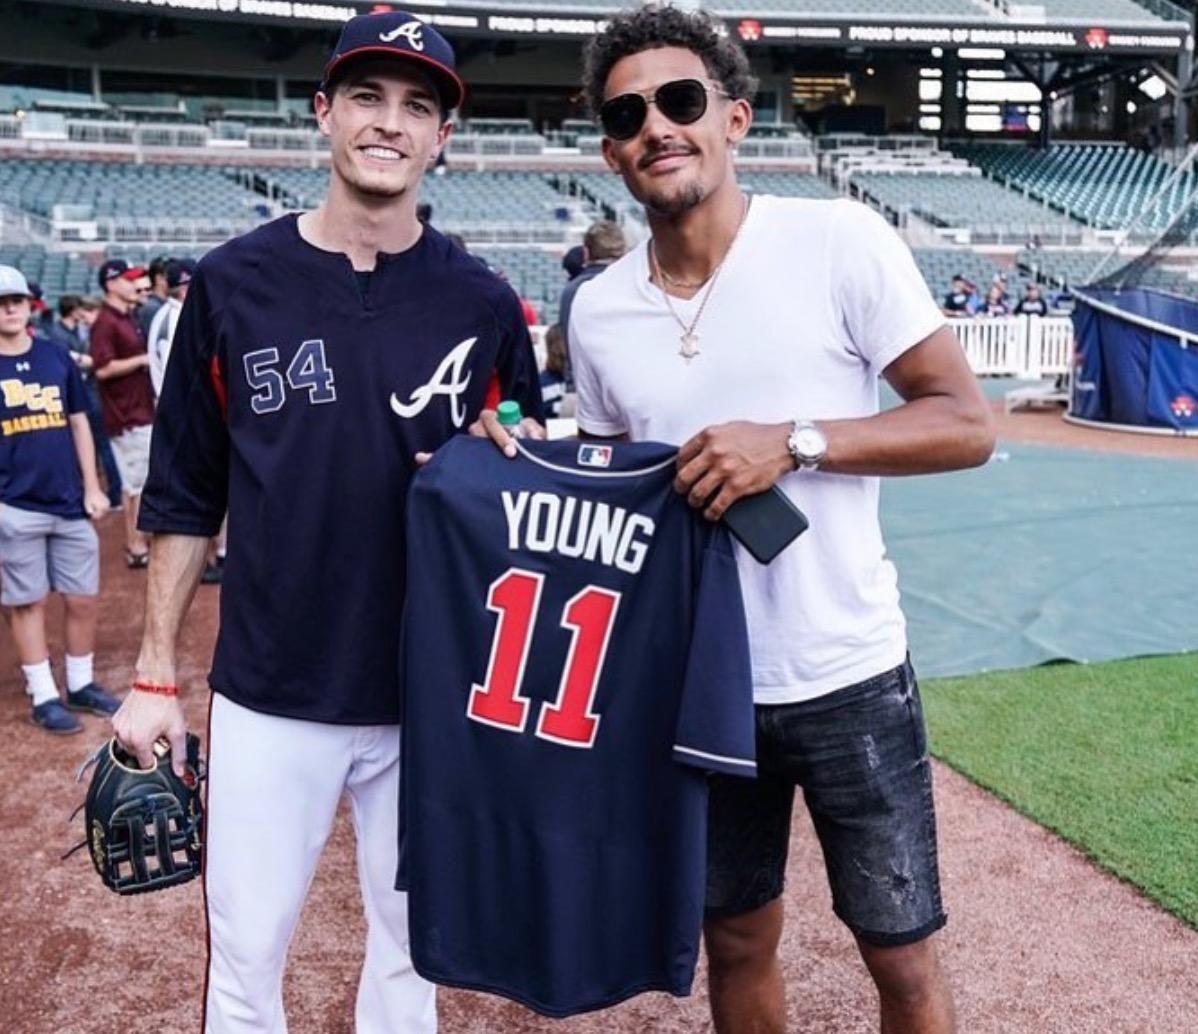 老鹰官方晒出亚特兰大棒球队赠予特雷-杨专属球衣现场照